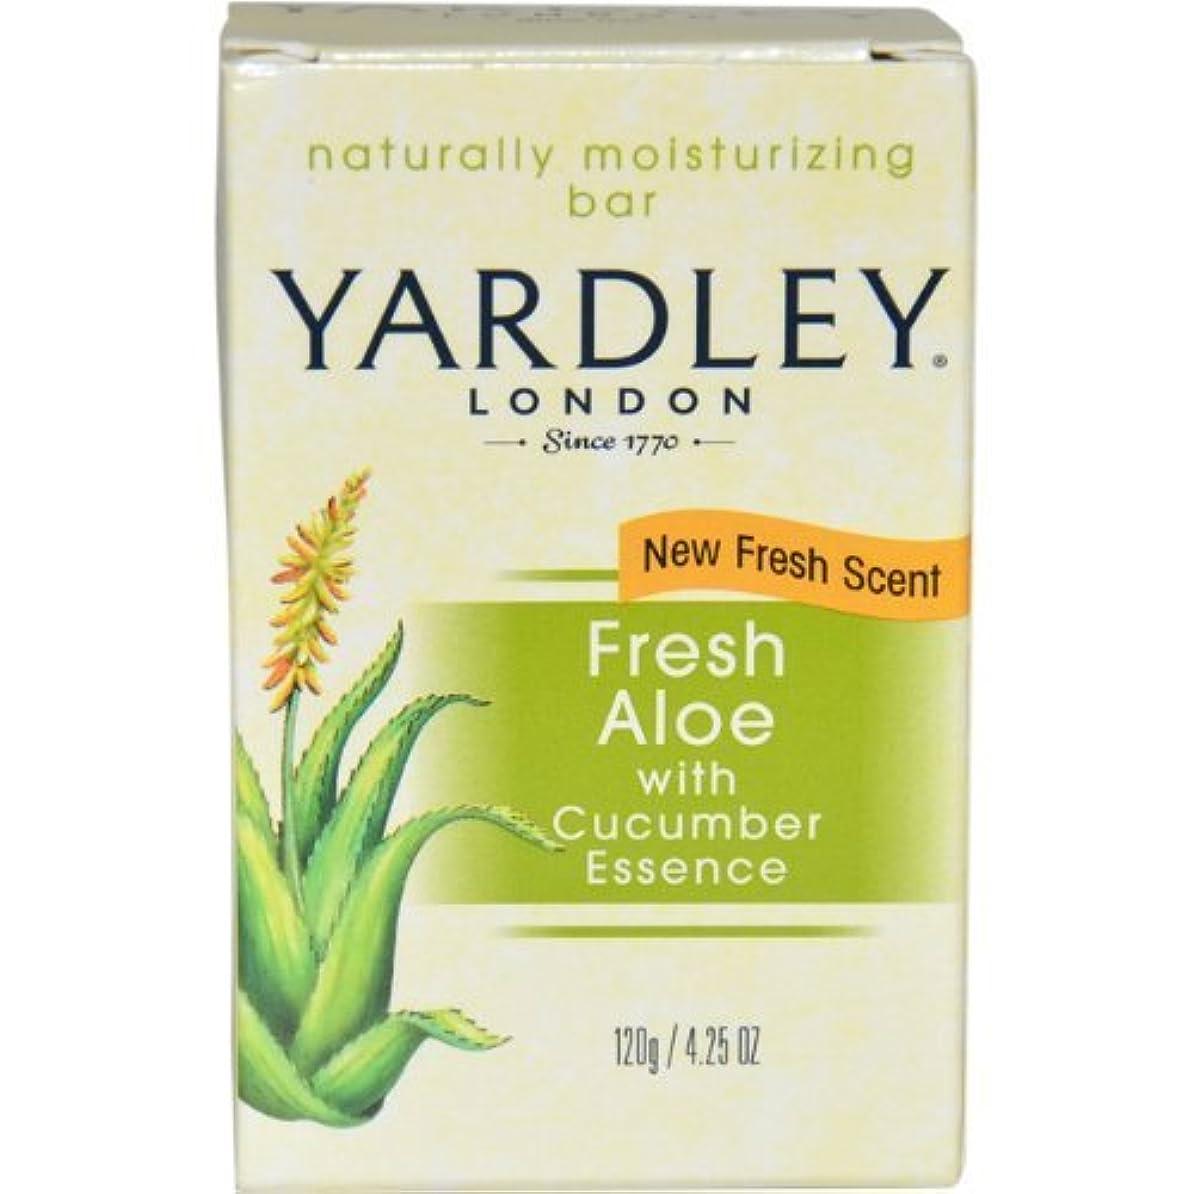 エロチック独立して追加するFresh Aloe with Cucumber Essence Bar Soap Soap Unisex by Yardley, 4.25 Ounce (Packaging May Vary) by Yardley [...